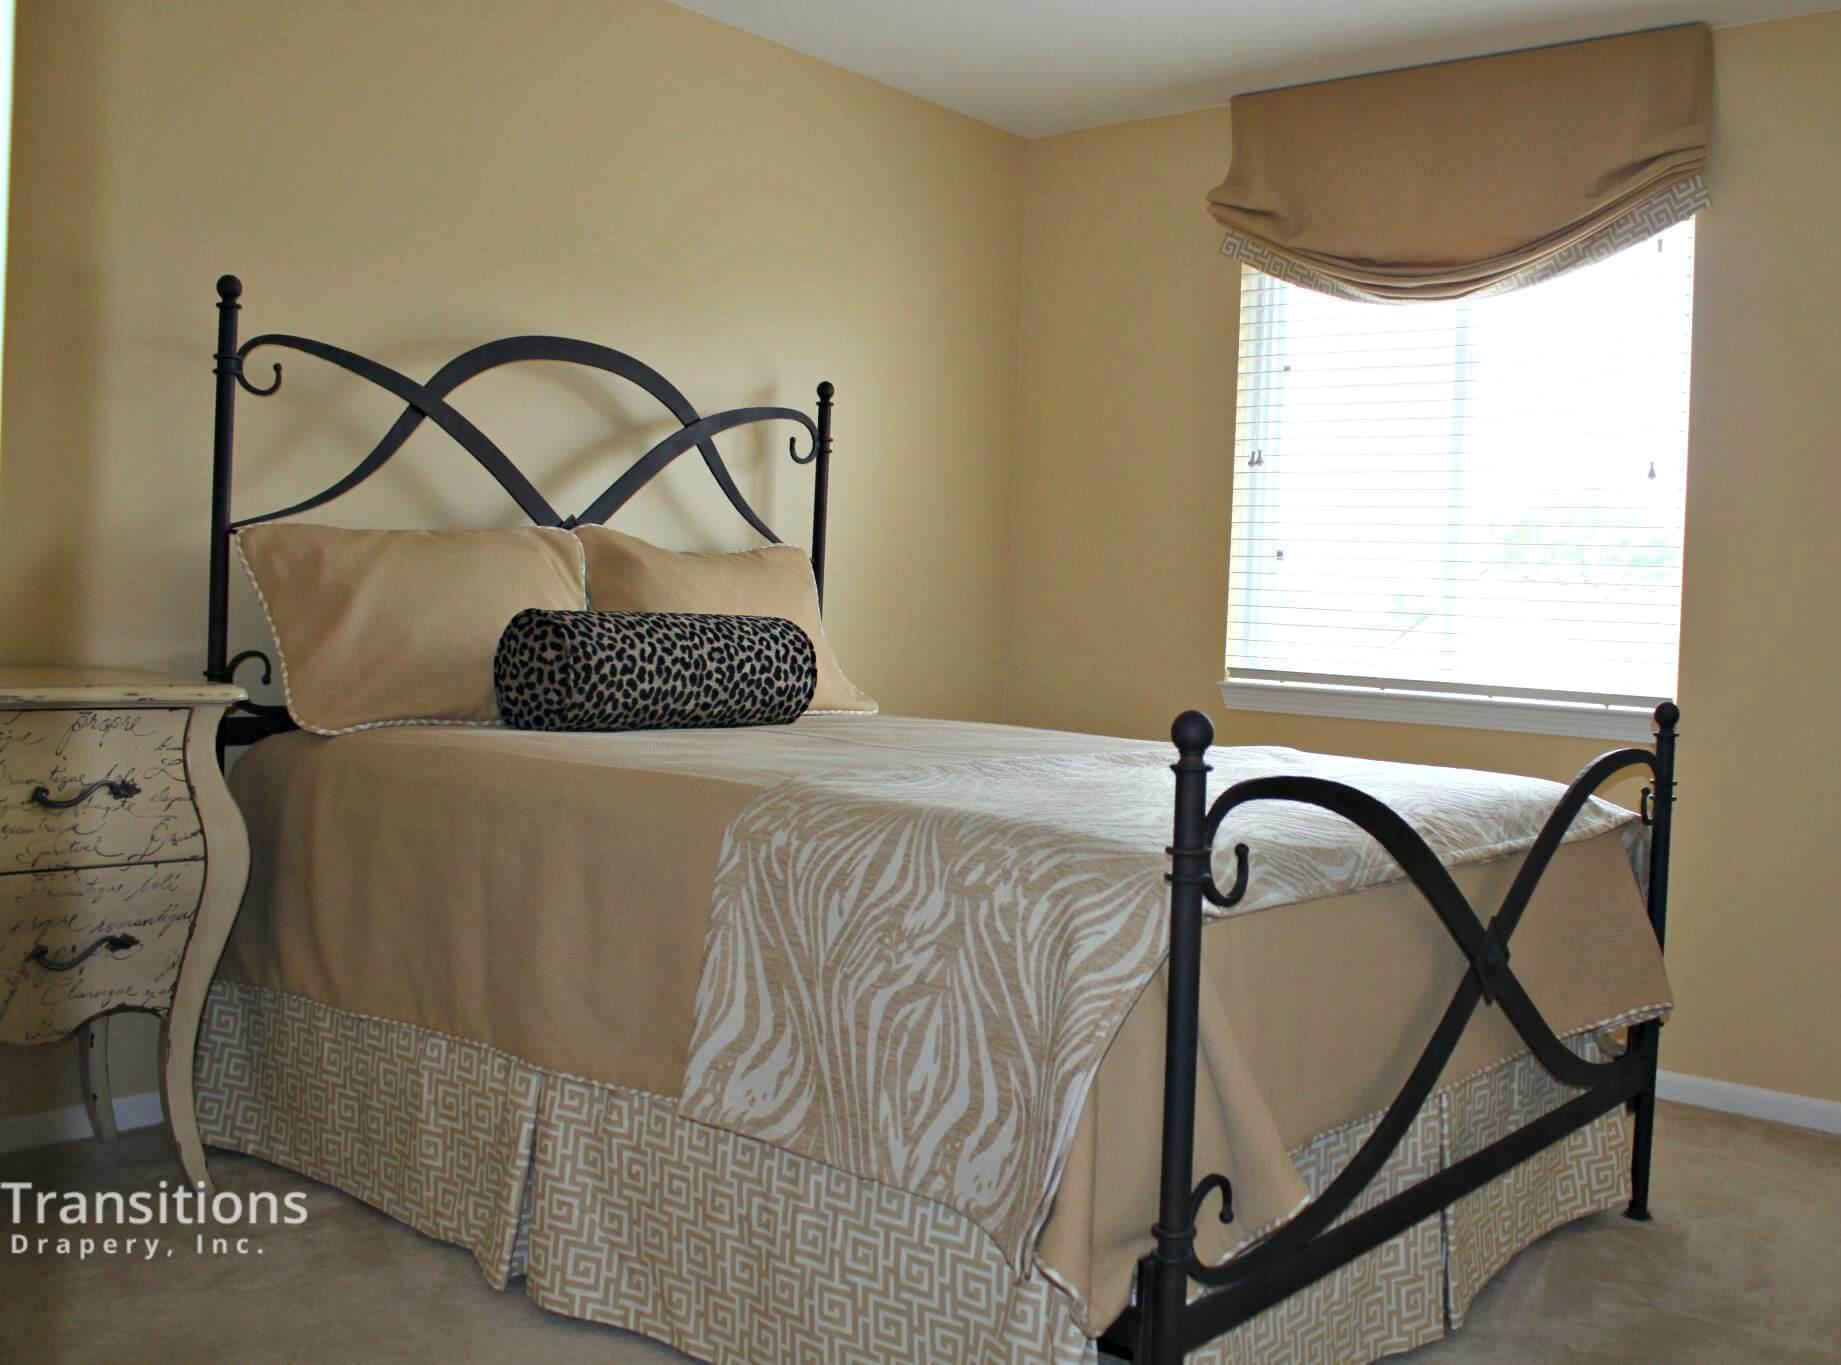 Bedding skirt pillows valance